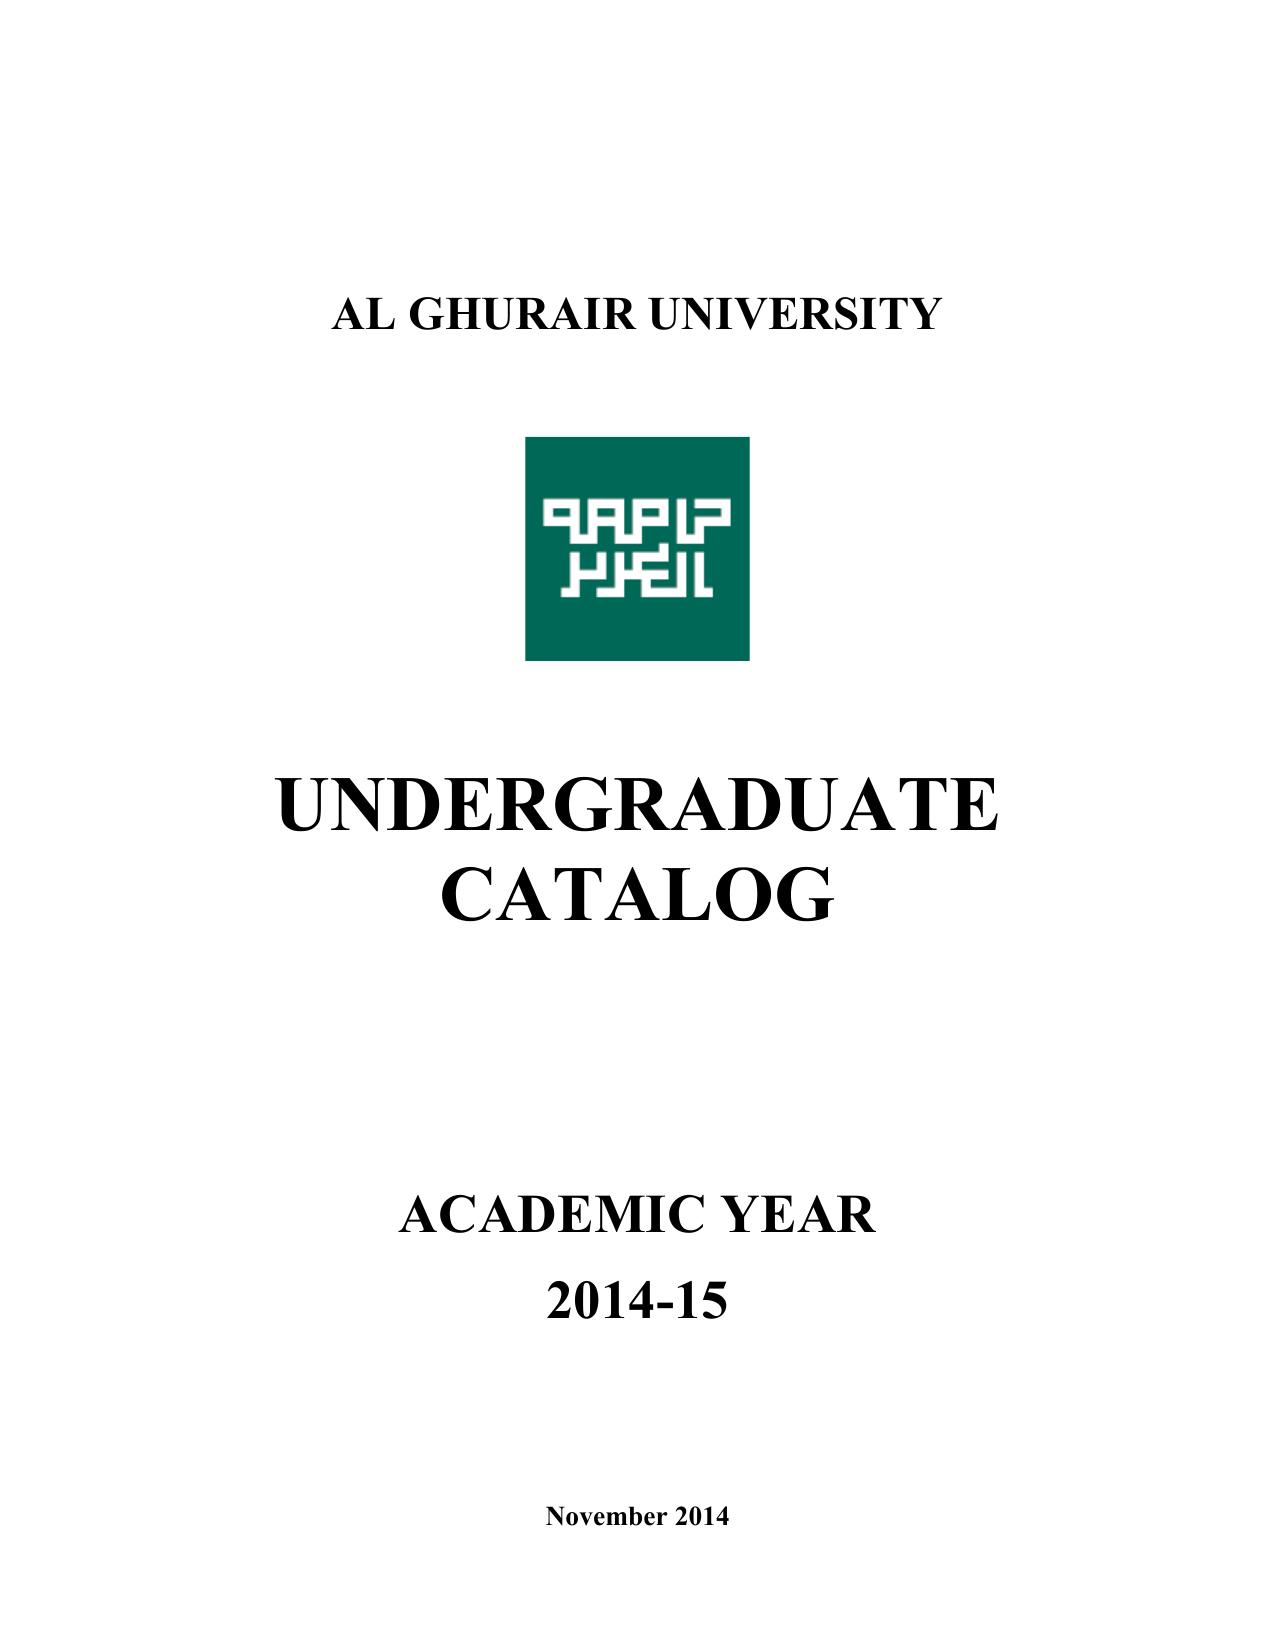 undergraduate catalog - Al Ghurair University | manualzz com